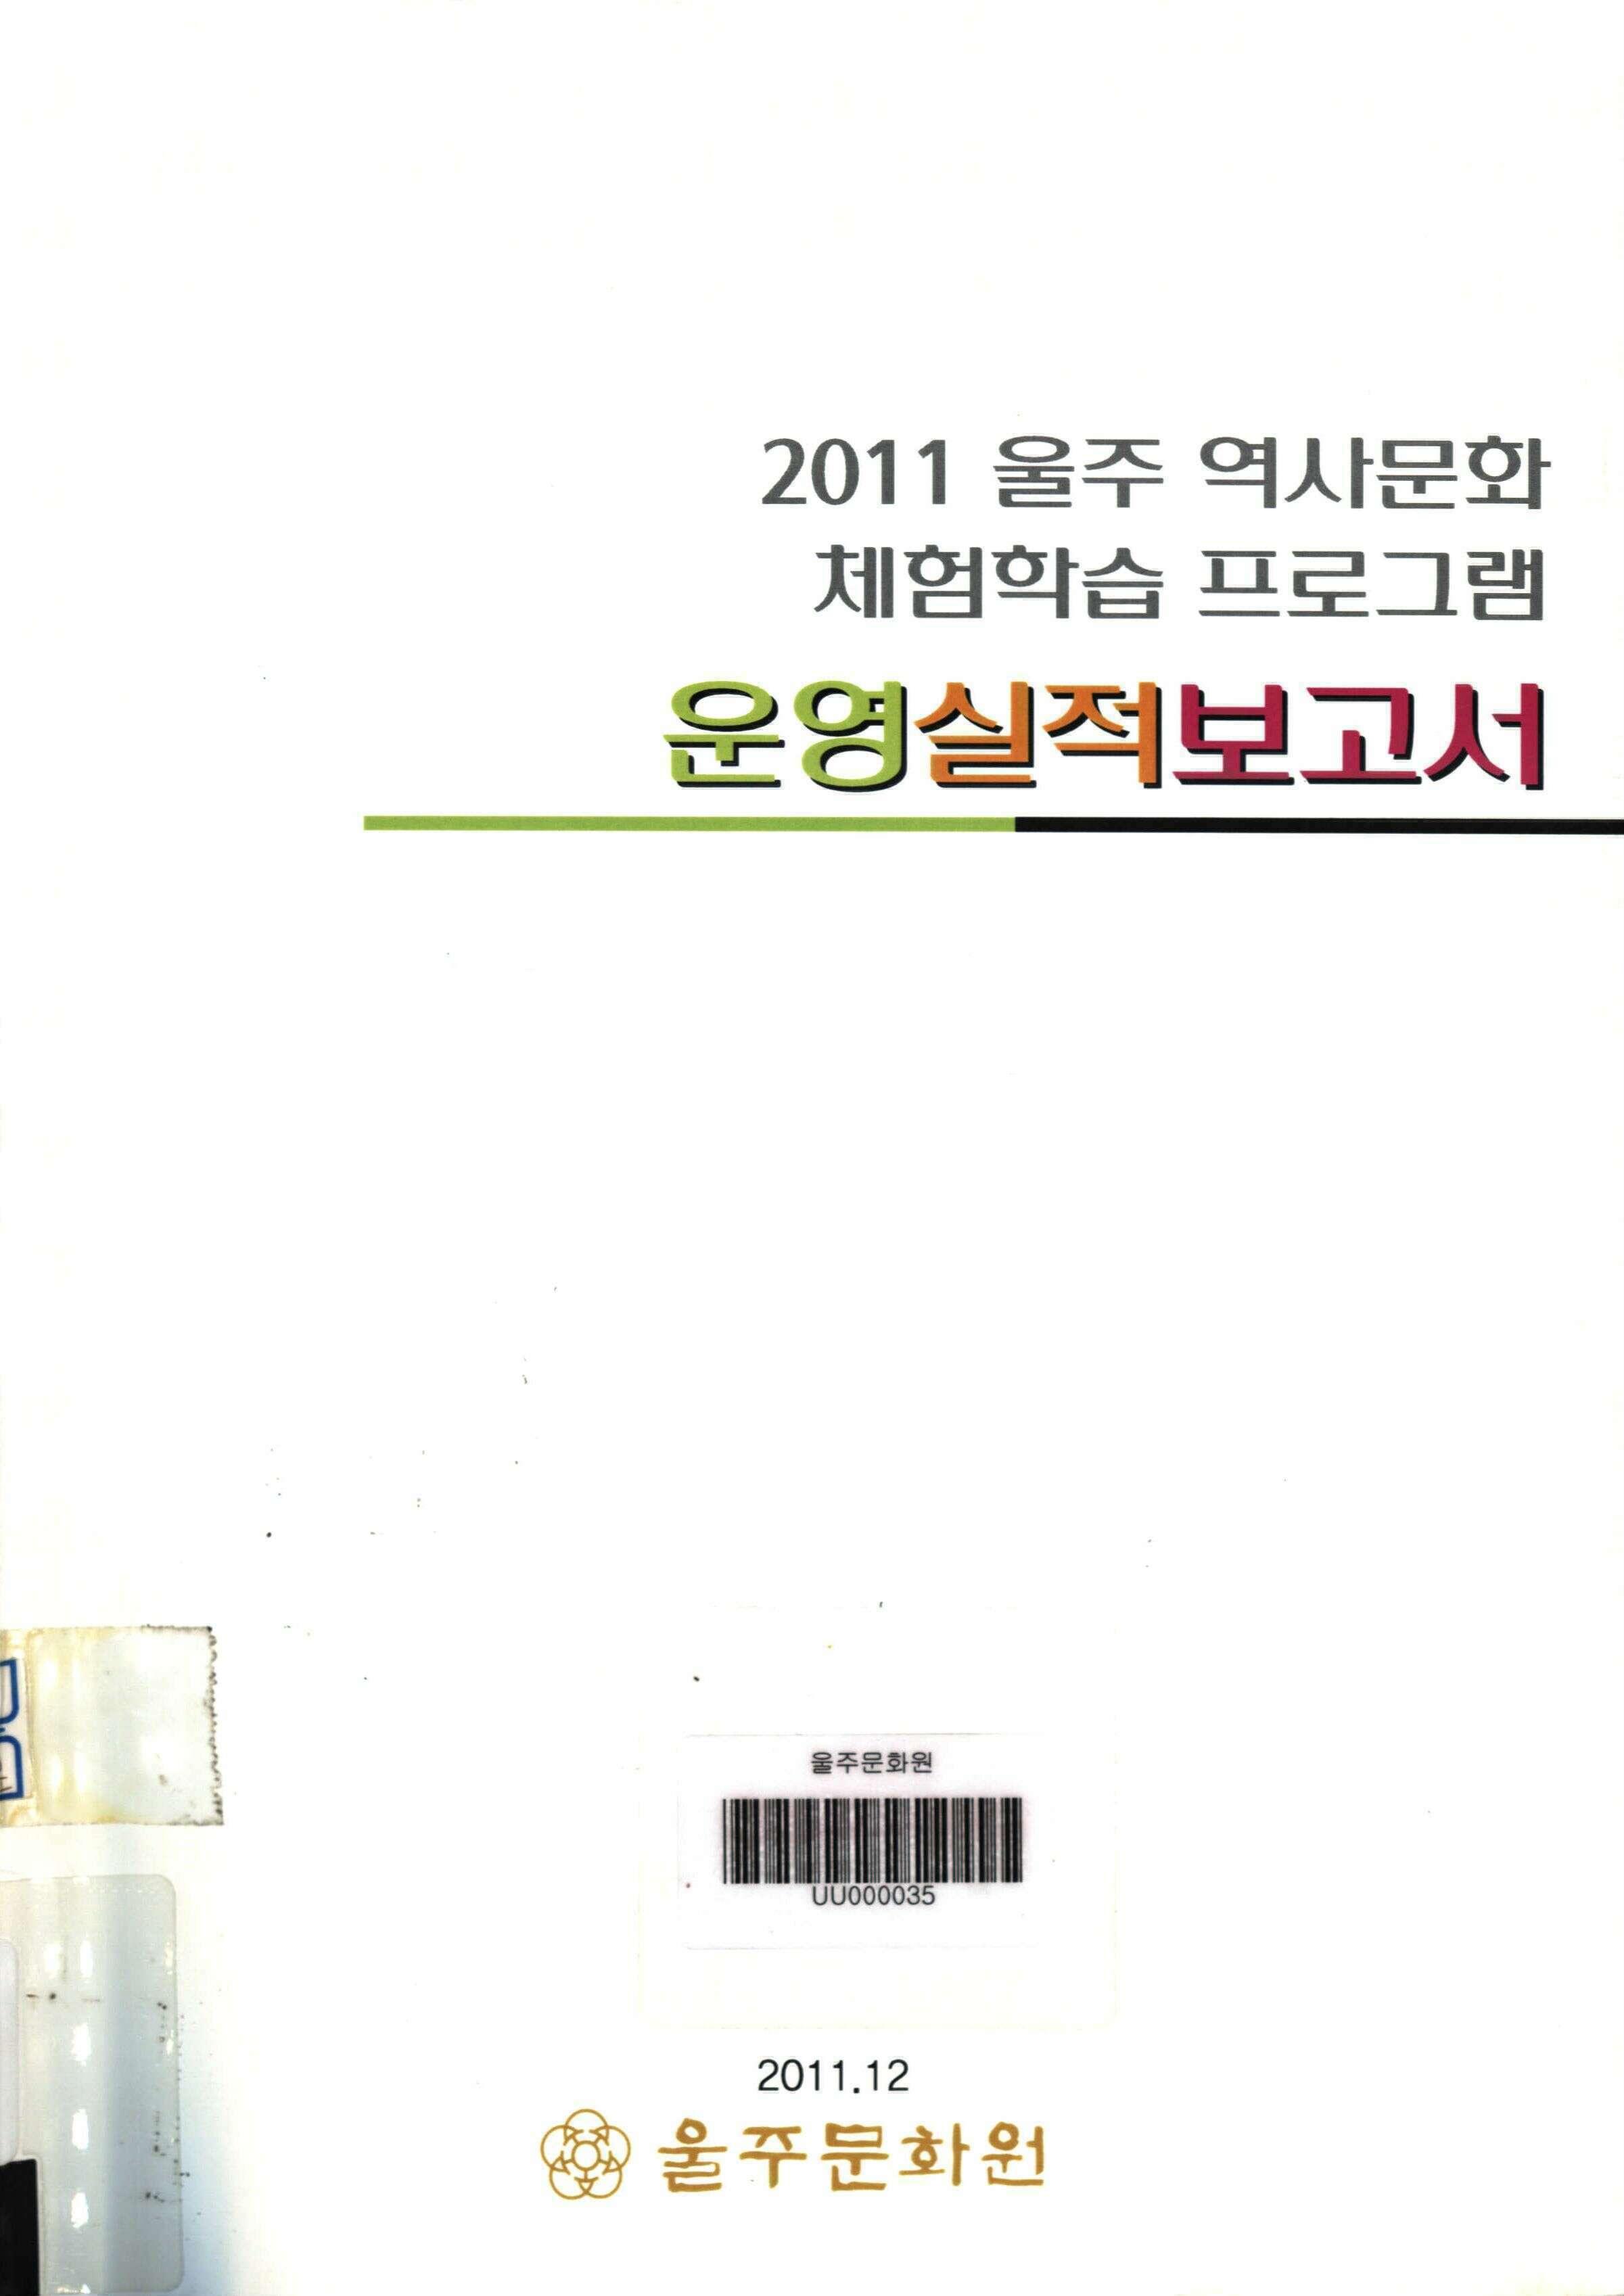 2011 울주 역사문화 체험학습 프로그램 운영실적보고서